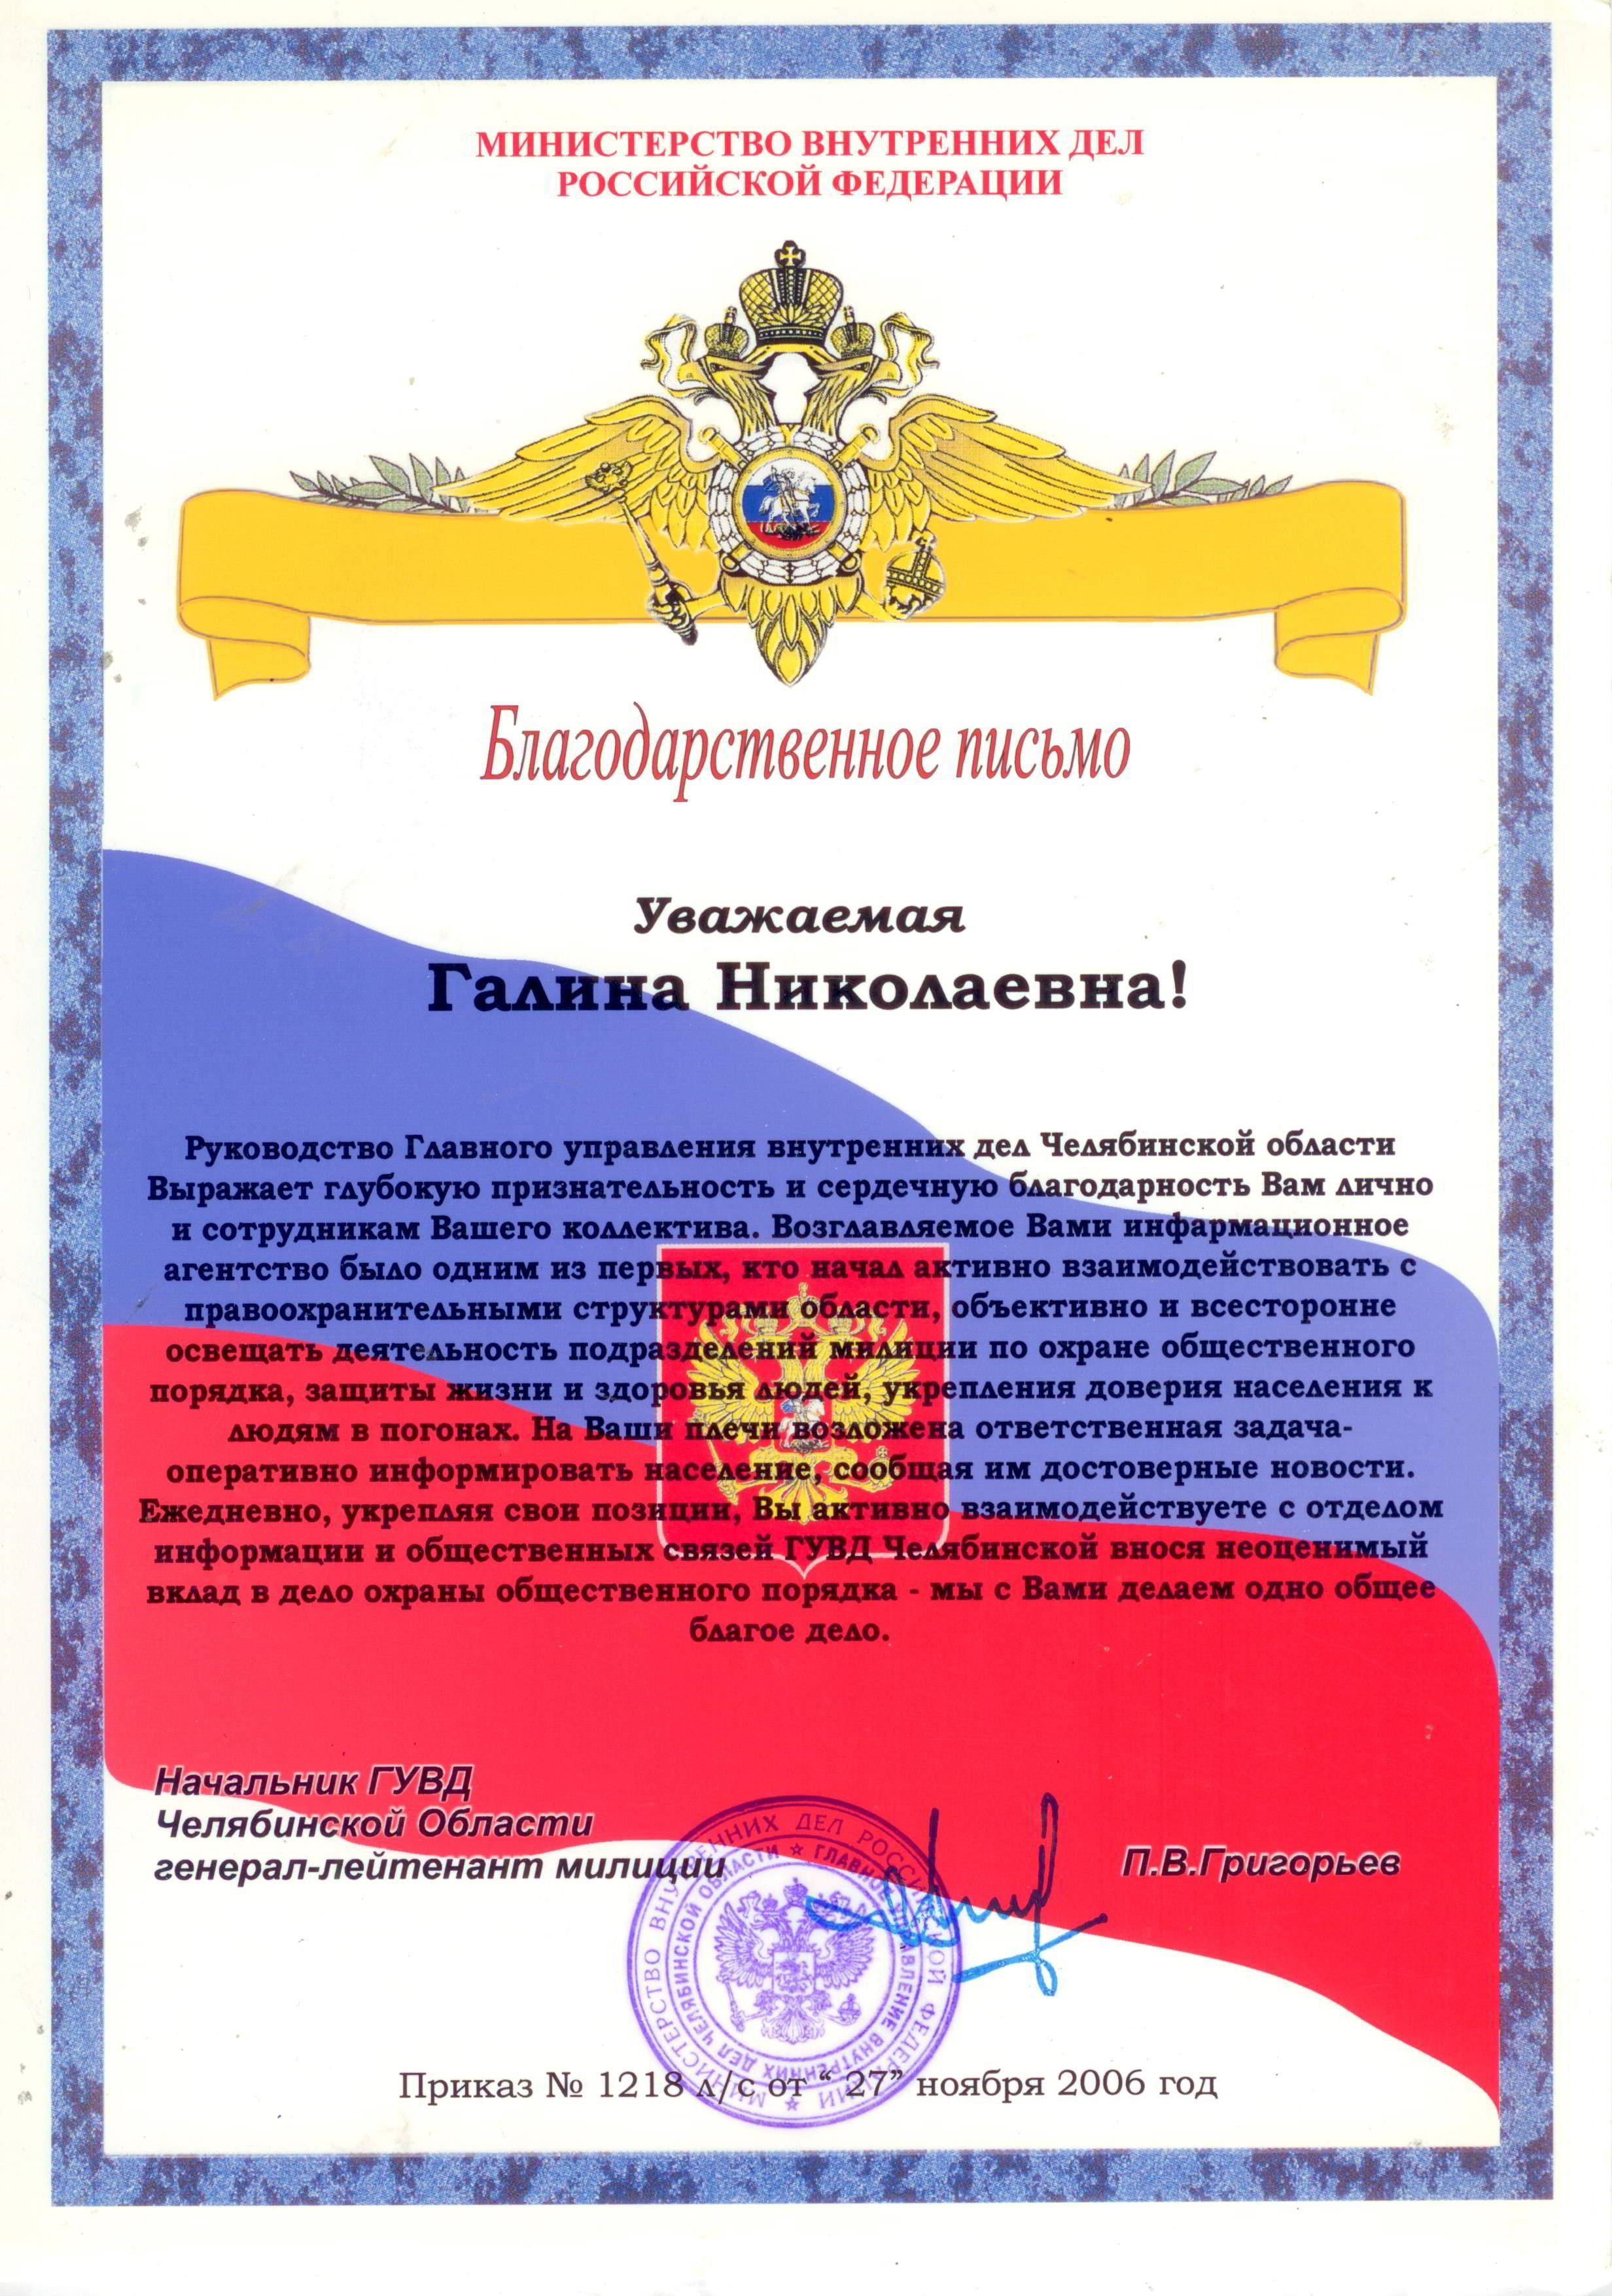 2006   Министерство внутренних дел Российской Федерации